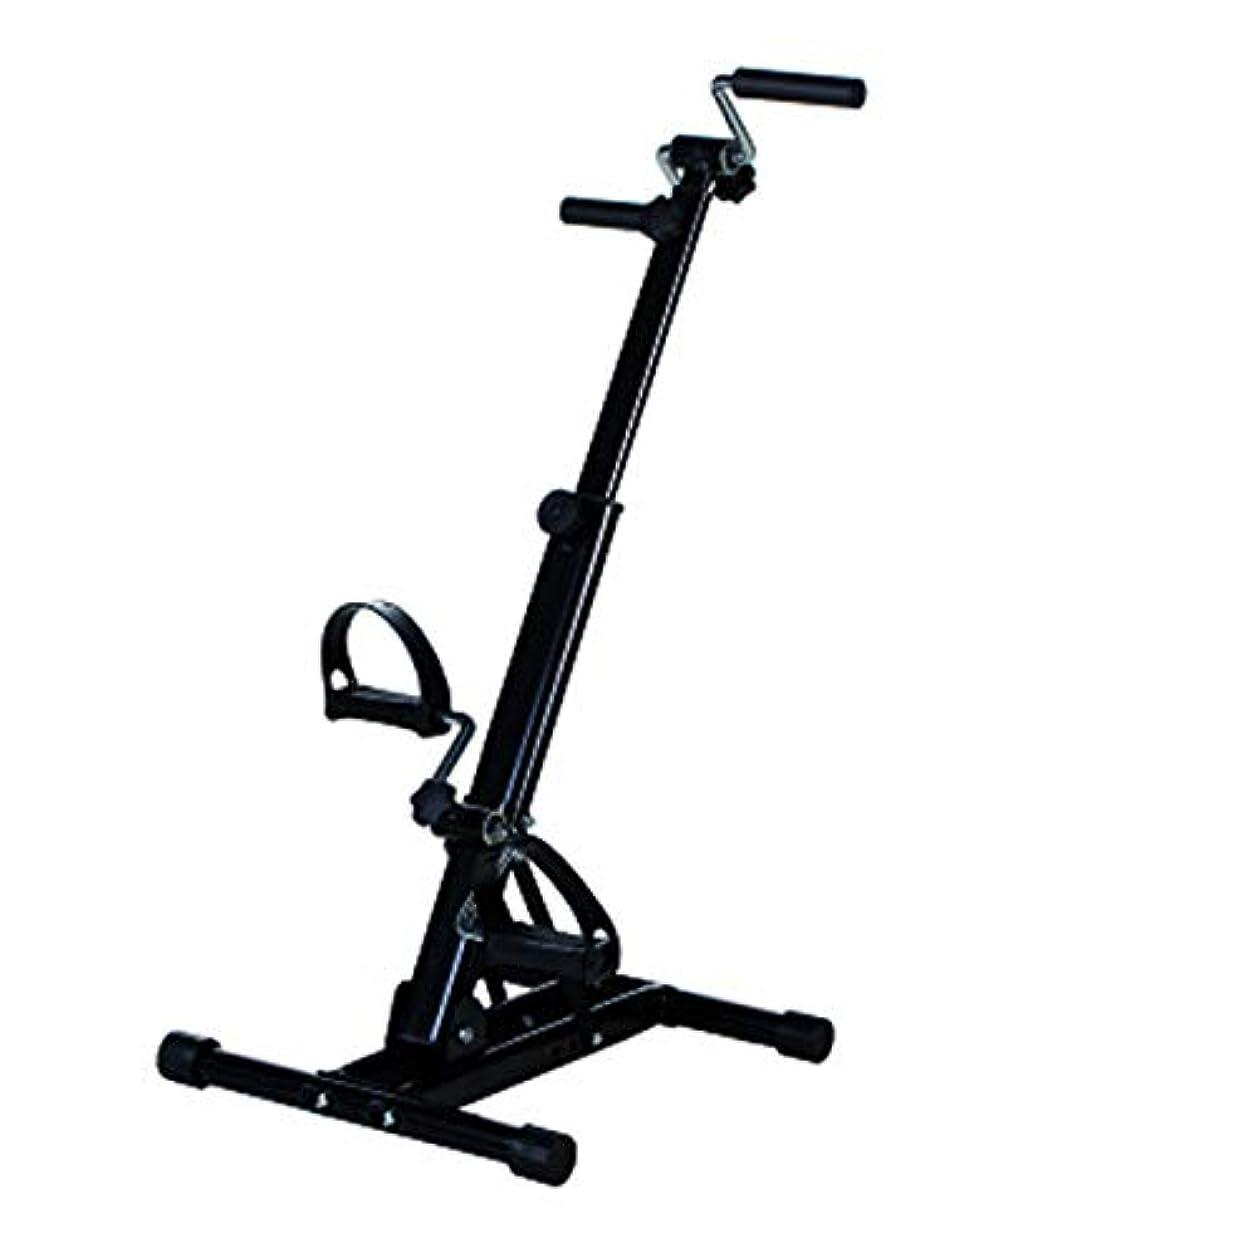 ラバアナリストキャリッジ上肢および下肢のトレーニング機器、ホームレッグアームペダルエクササイザー、高齢者の脳卒中片麻痺リハビリテーション自転車ホーム理学療法フィットネストレーニング,A